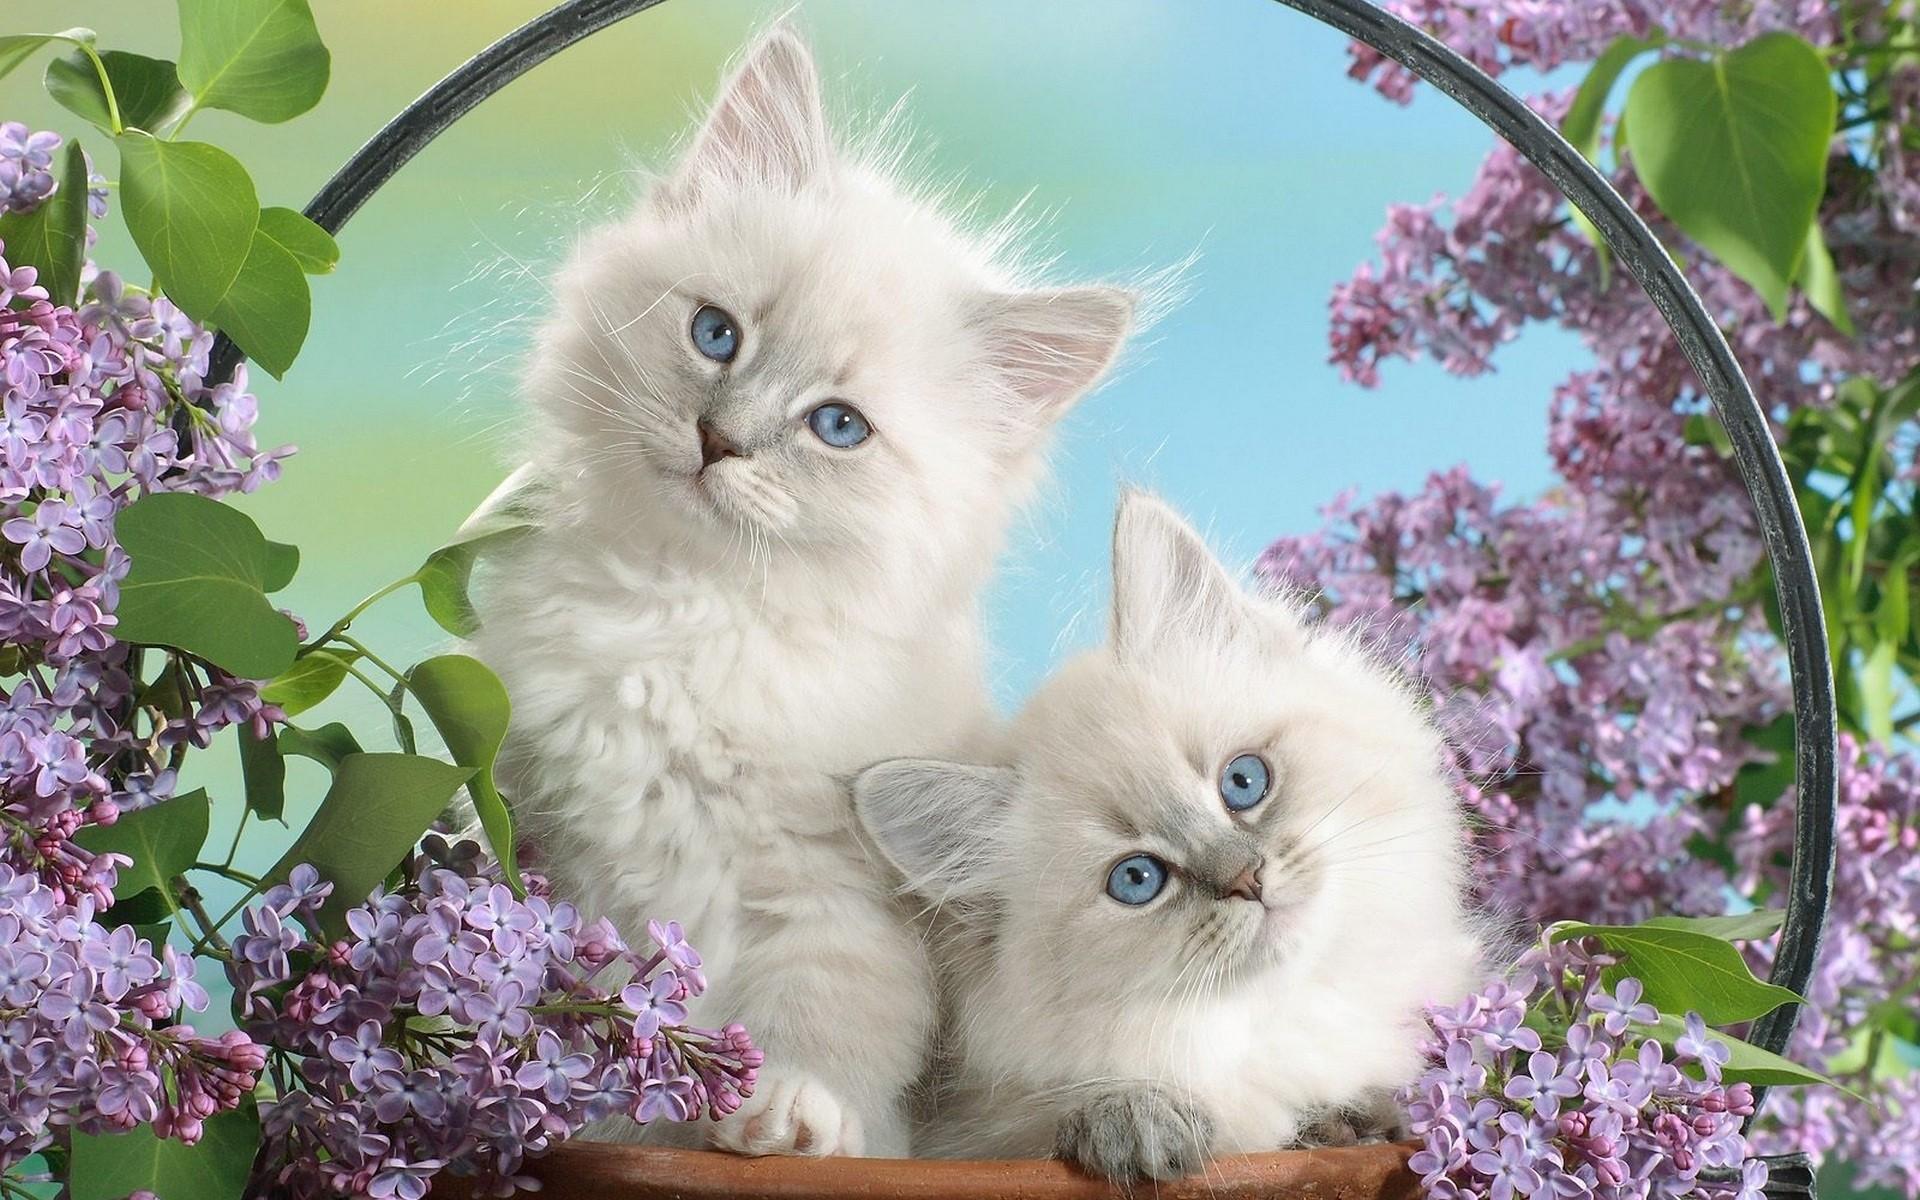 белый кот животное природа бесплатно